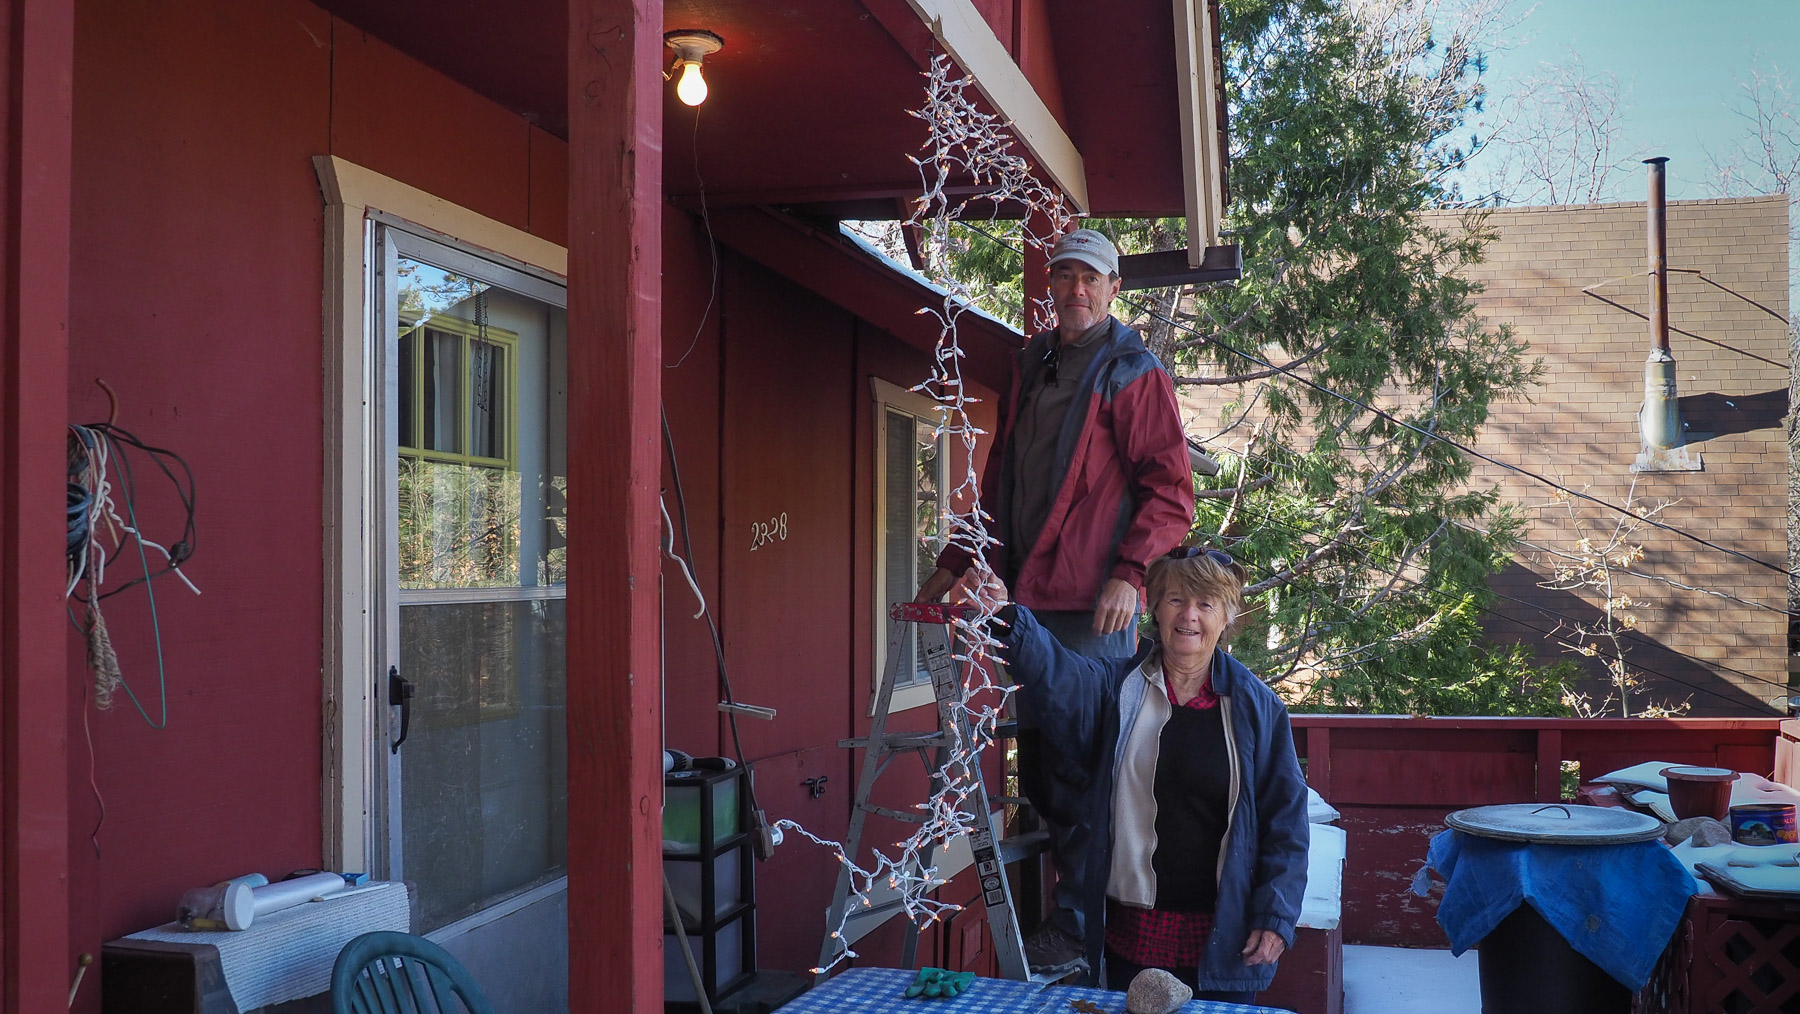 Weihnachtsstimmung beim Aufhängen der Beleuchtung